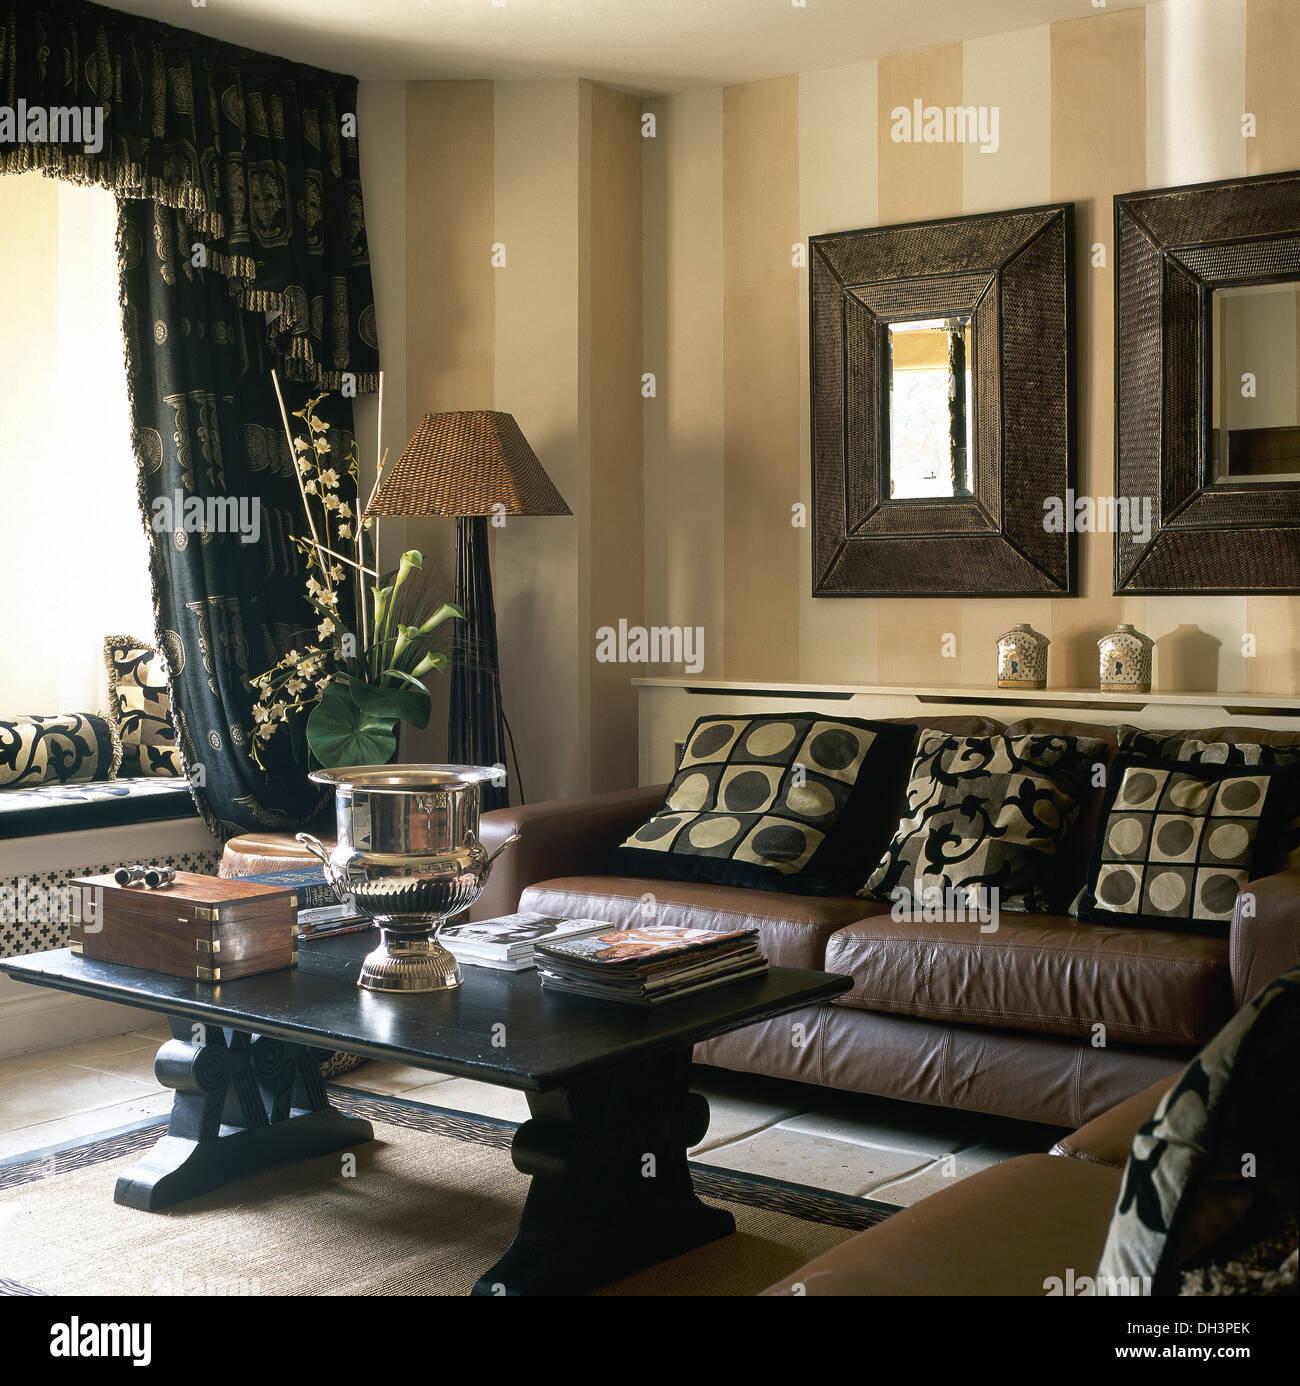 miroirs en bois au dessus d 39 un canap en cuir marron avec coussins tonifiant dans la salle de. Black Bedroom Furniture Sets. Home Design Ideas